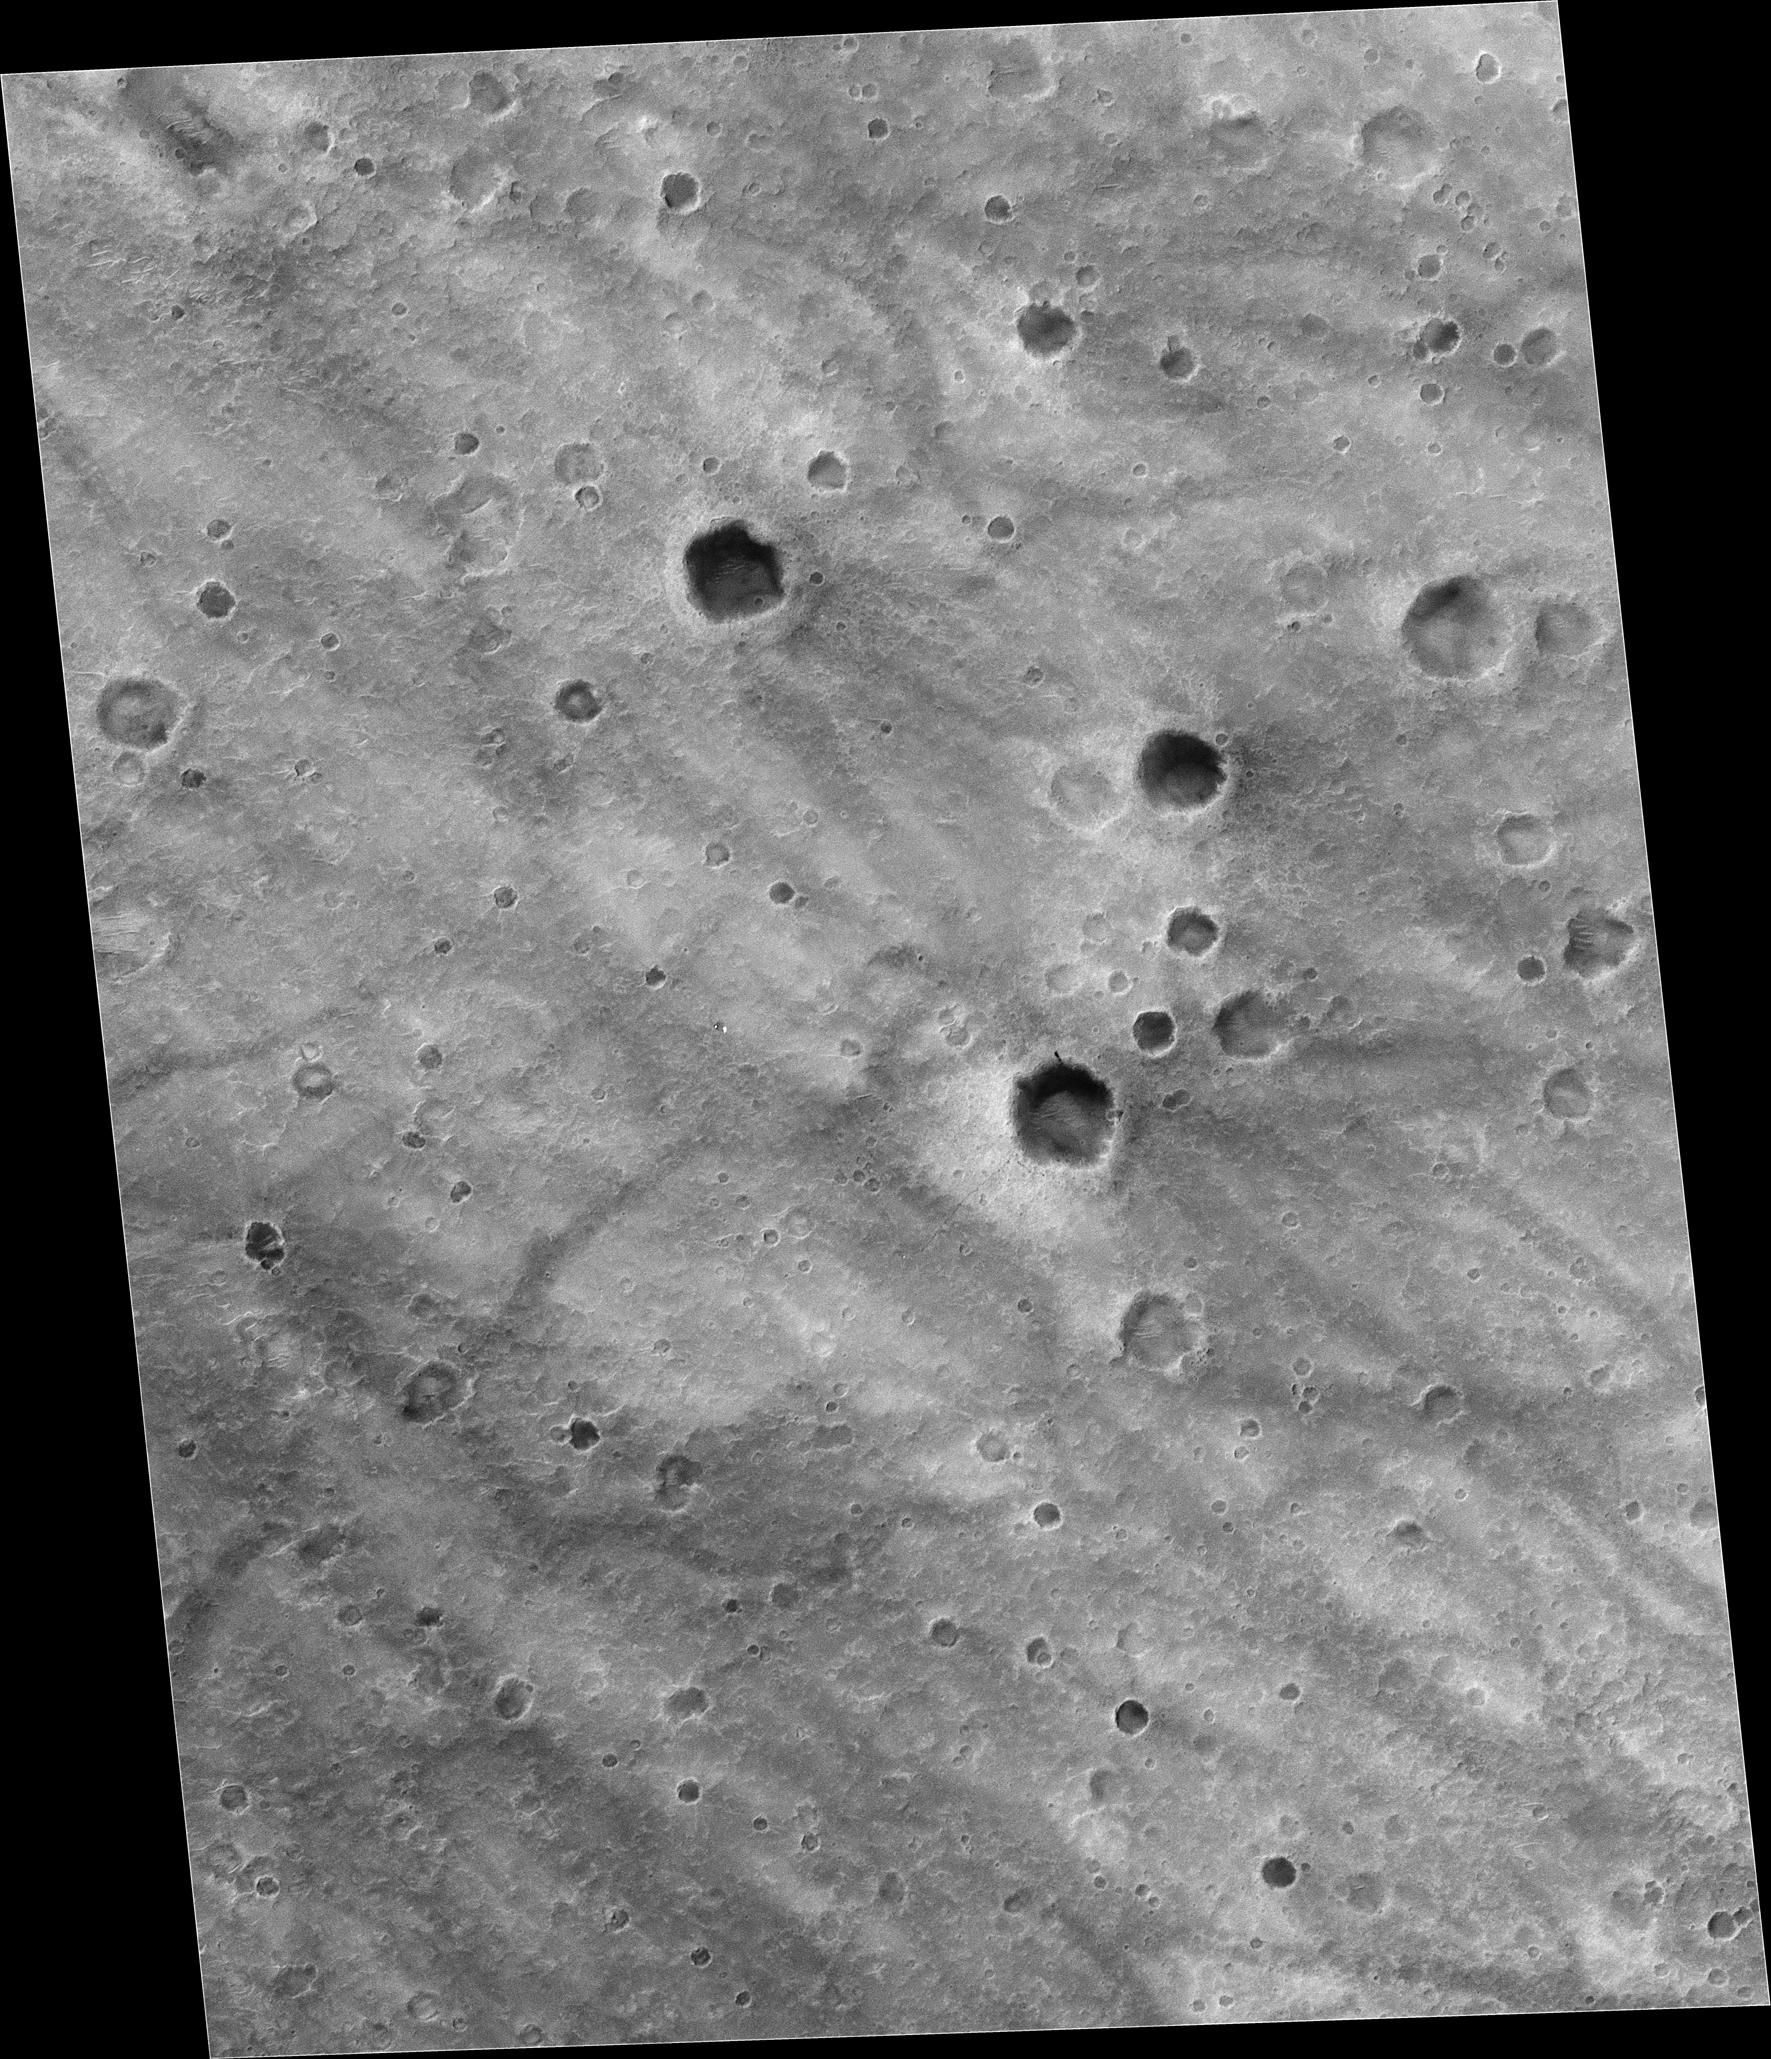 nasa mars exploration program - photo #45